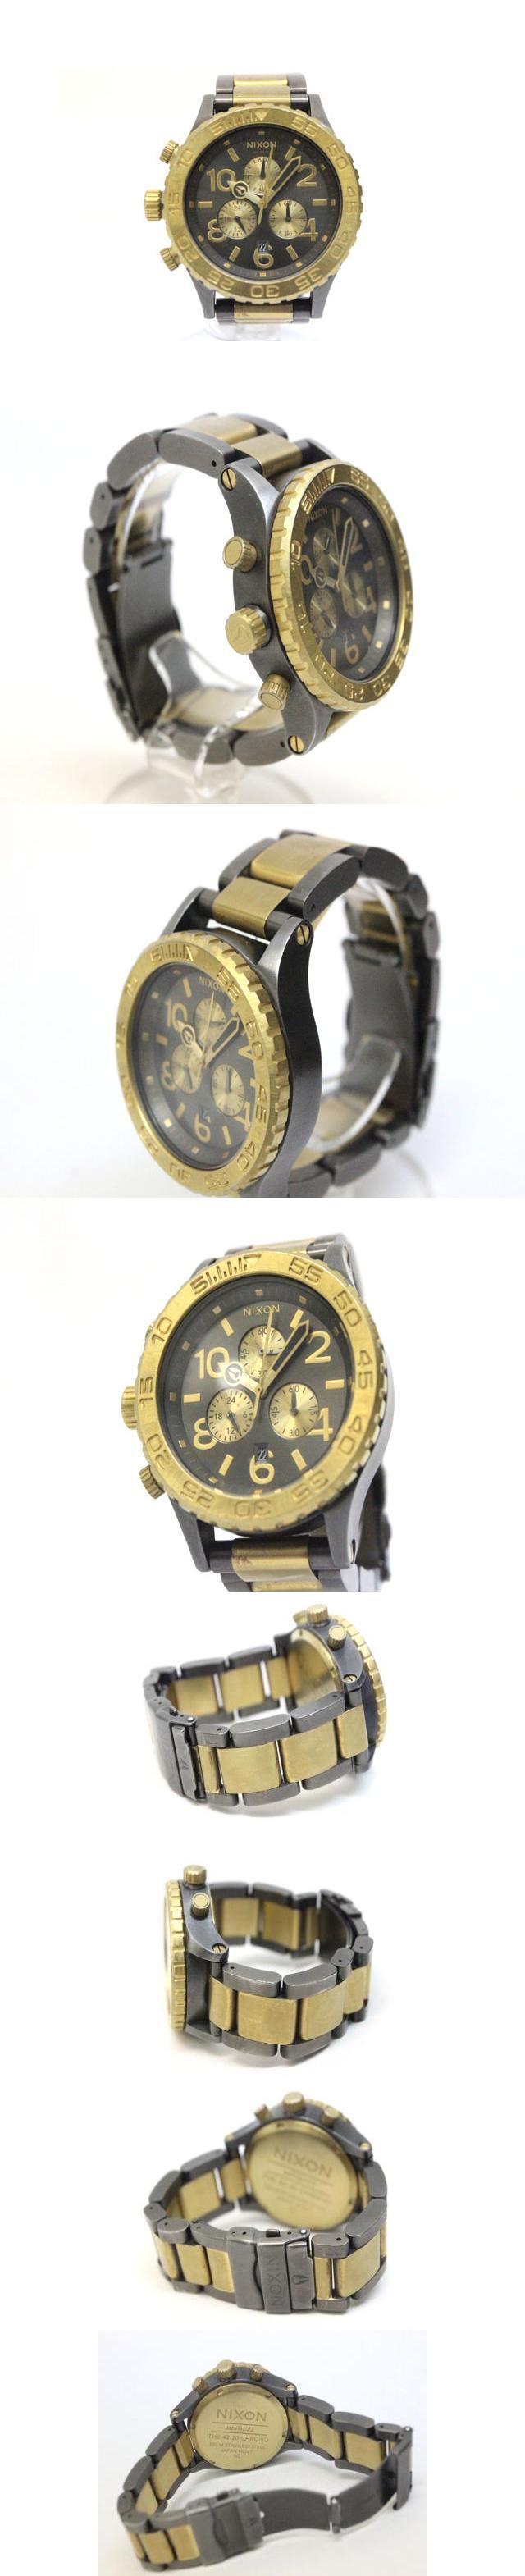 THE42-20 CHRONO MINIMIZE 腕時計 ウォッチ クロノグラフ ゴールドカラー /Z